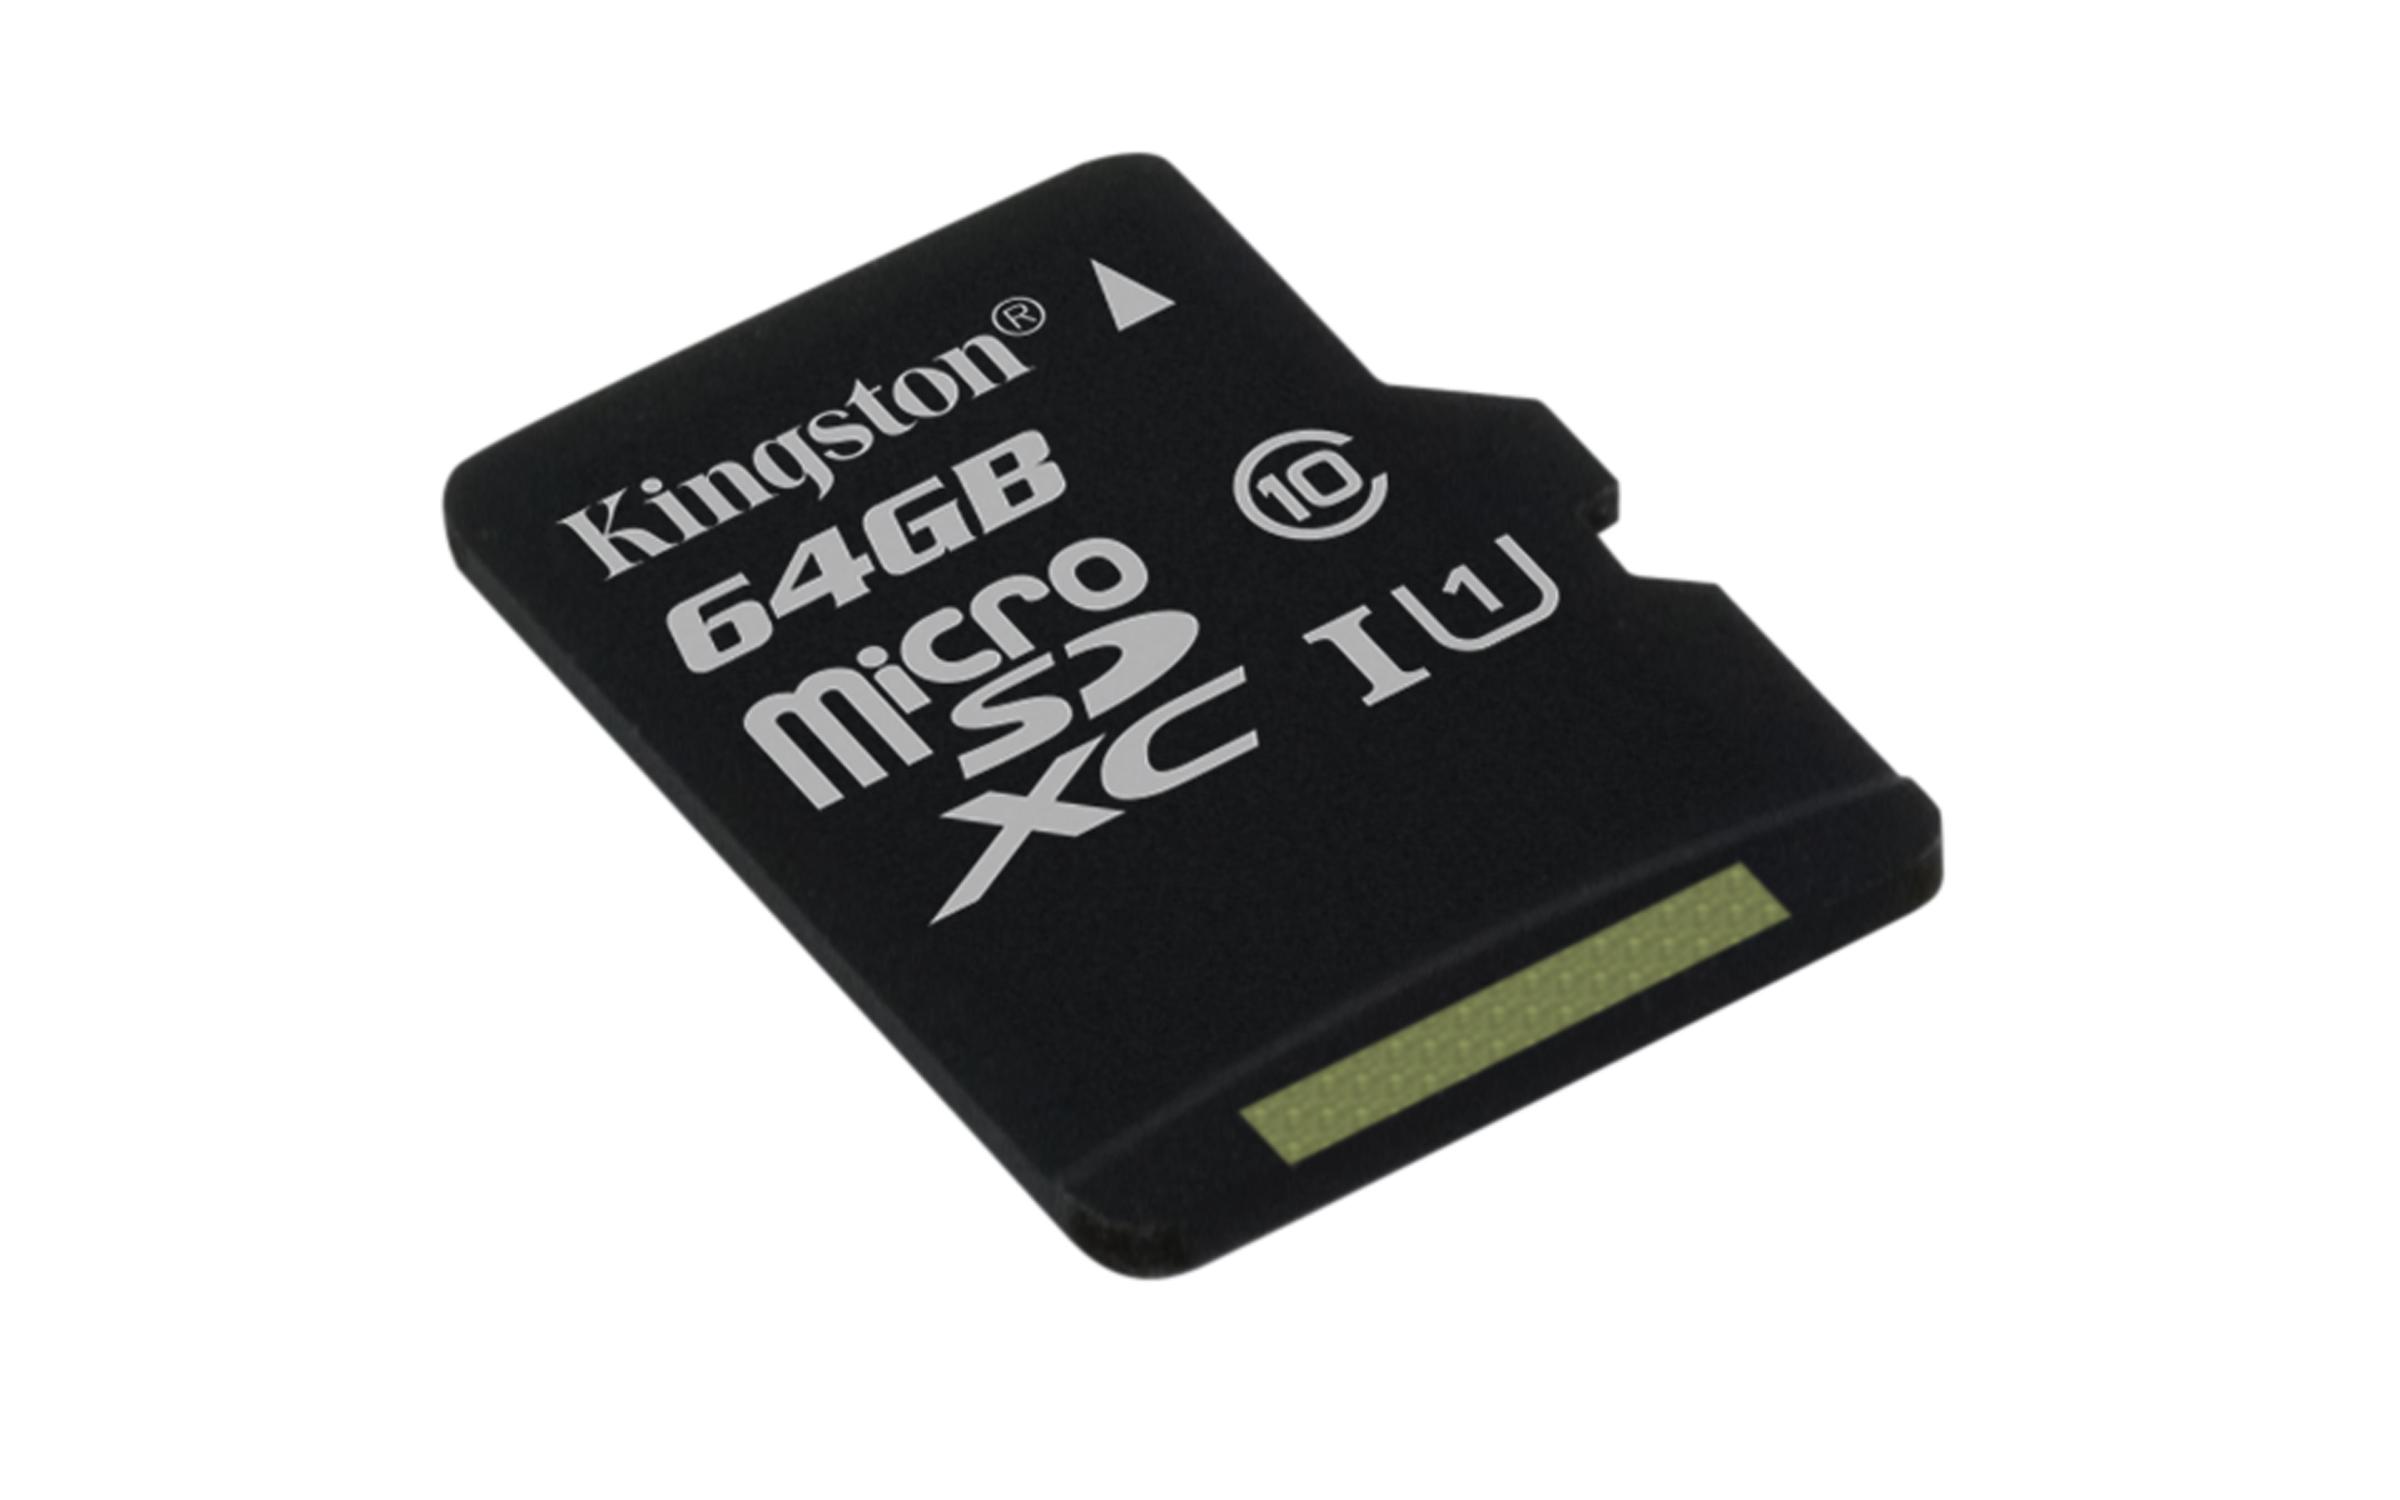 KINGSTON 64GB microSDHC Memory Card 45MB/10MBs- UHS-I class 10 Gen 2 - bez adaptéru